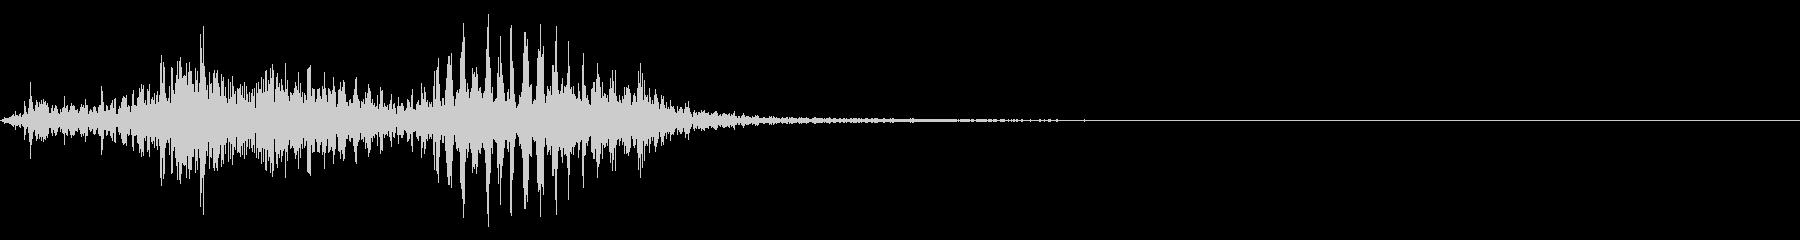 【生録音】フラミンゴの鳴き声 37の未再生の波形